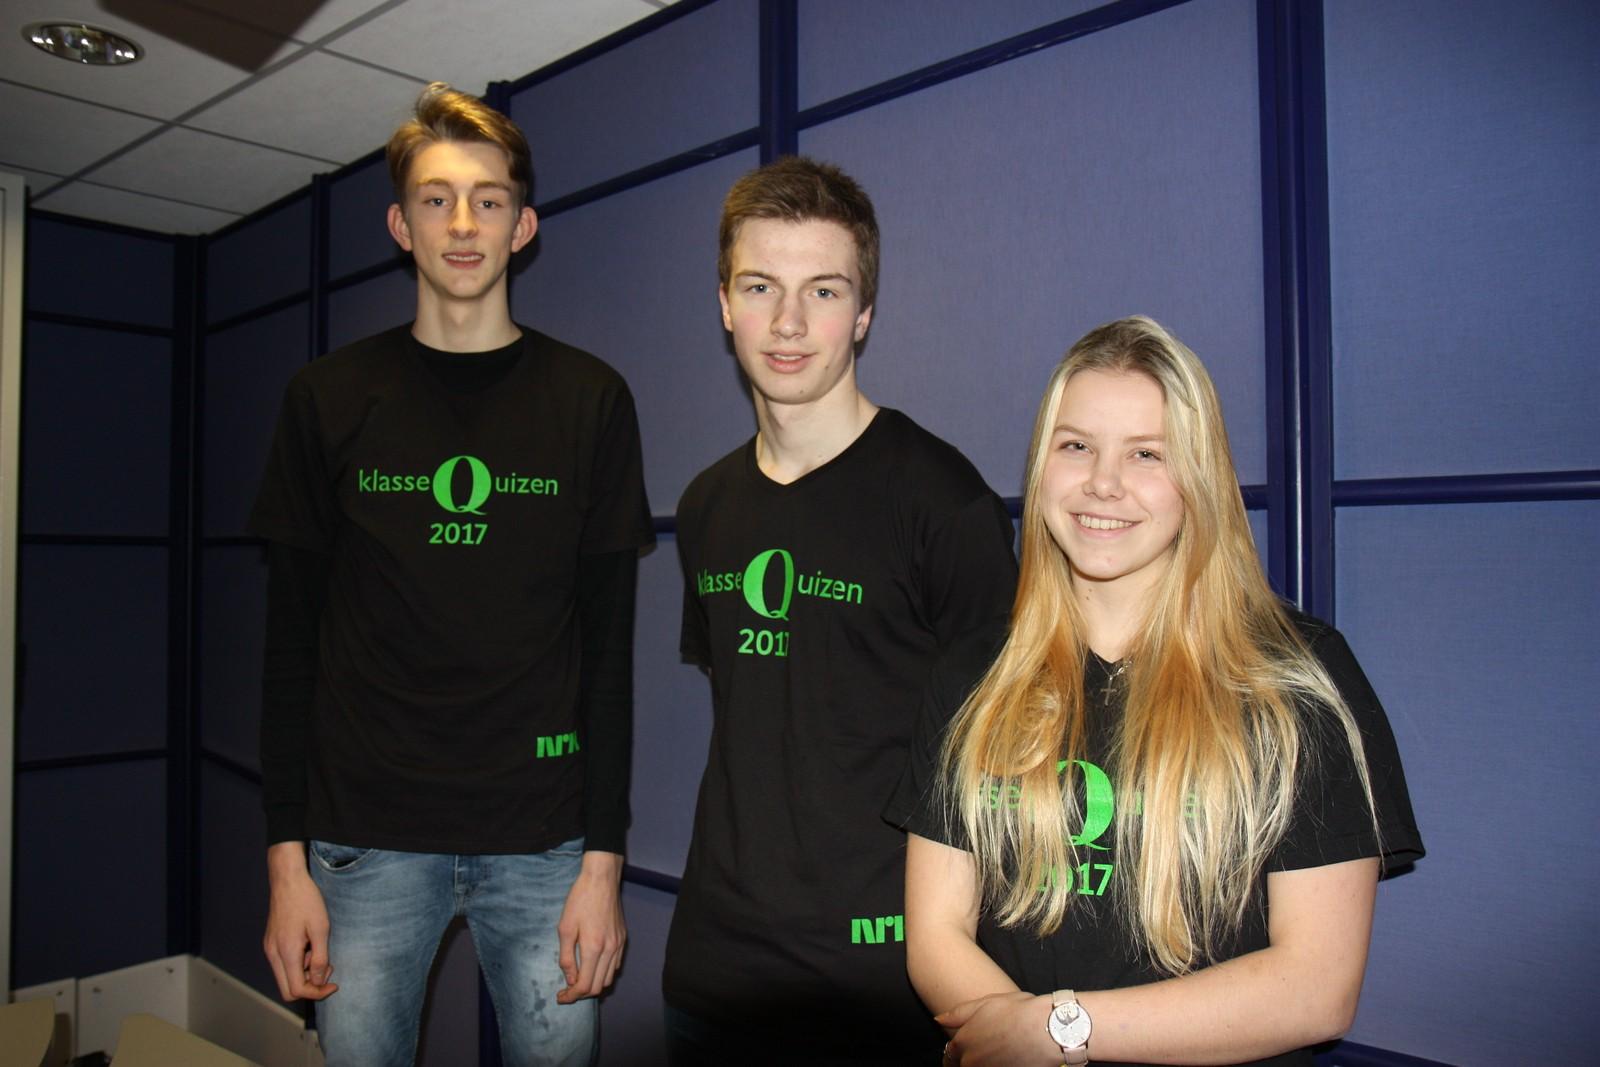 Elevene fra Skjold skule i Vindafjord leverte en strålende innsats og fikk hele 11 poeng. Fra venstre: Birge Nagal-Alne, Tor Martin Stolpe og Tonje Bjerga.